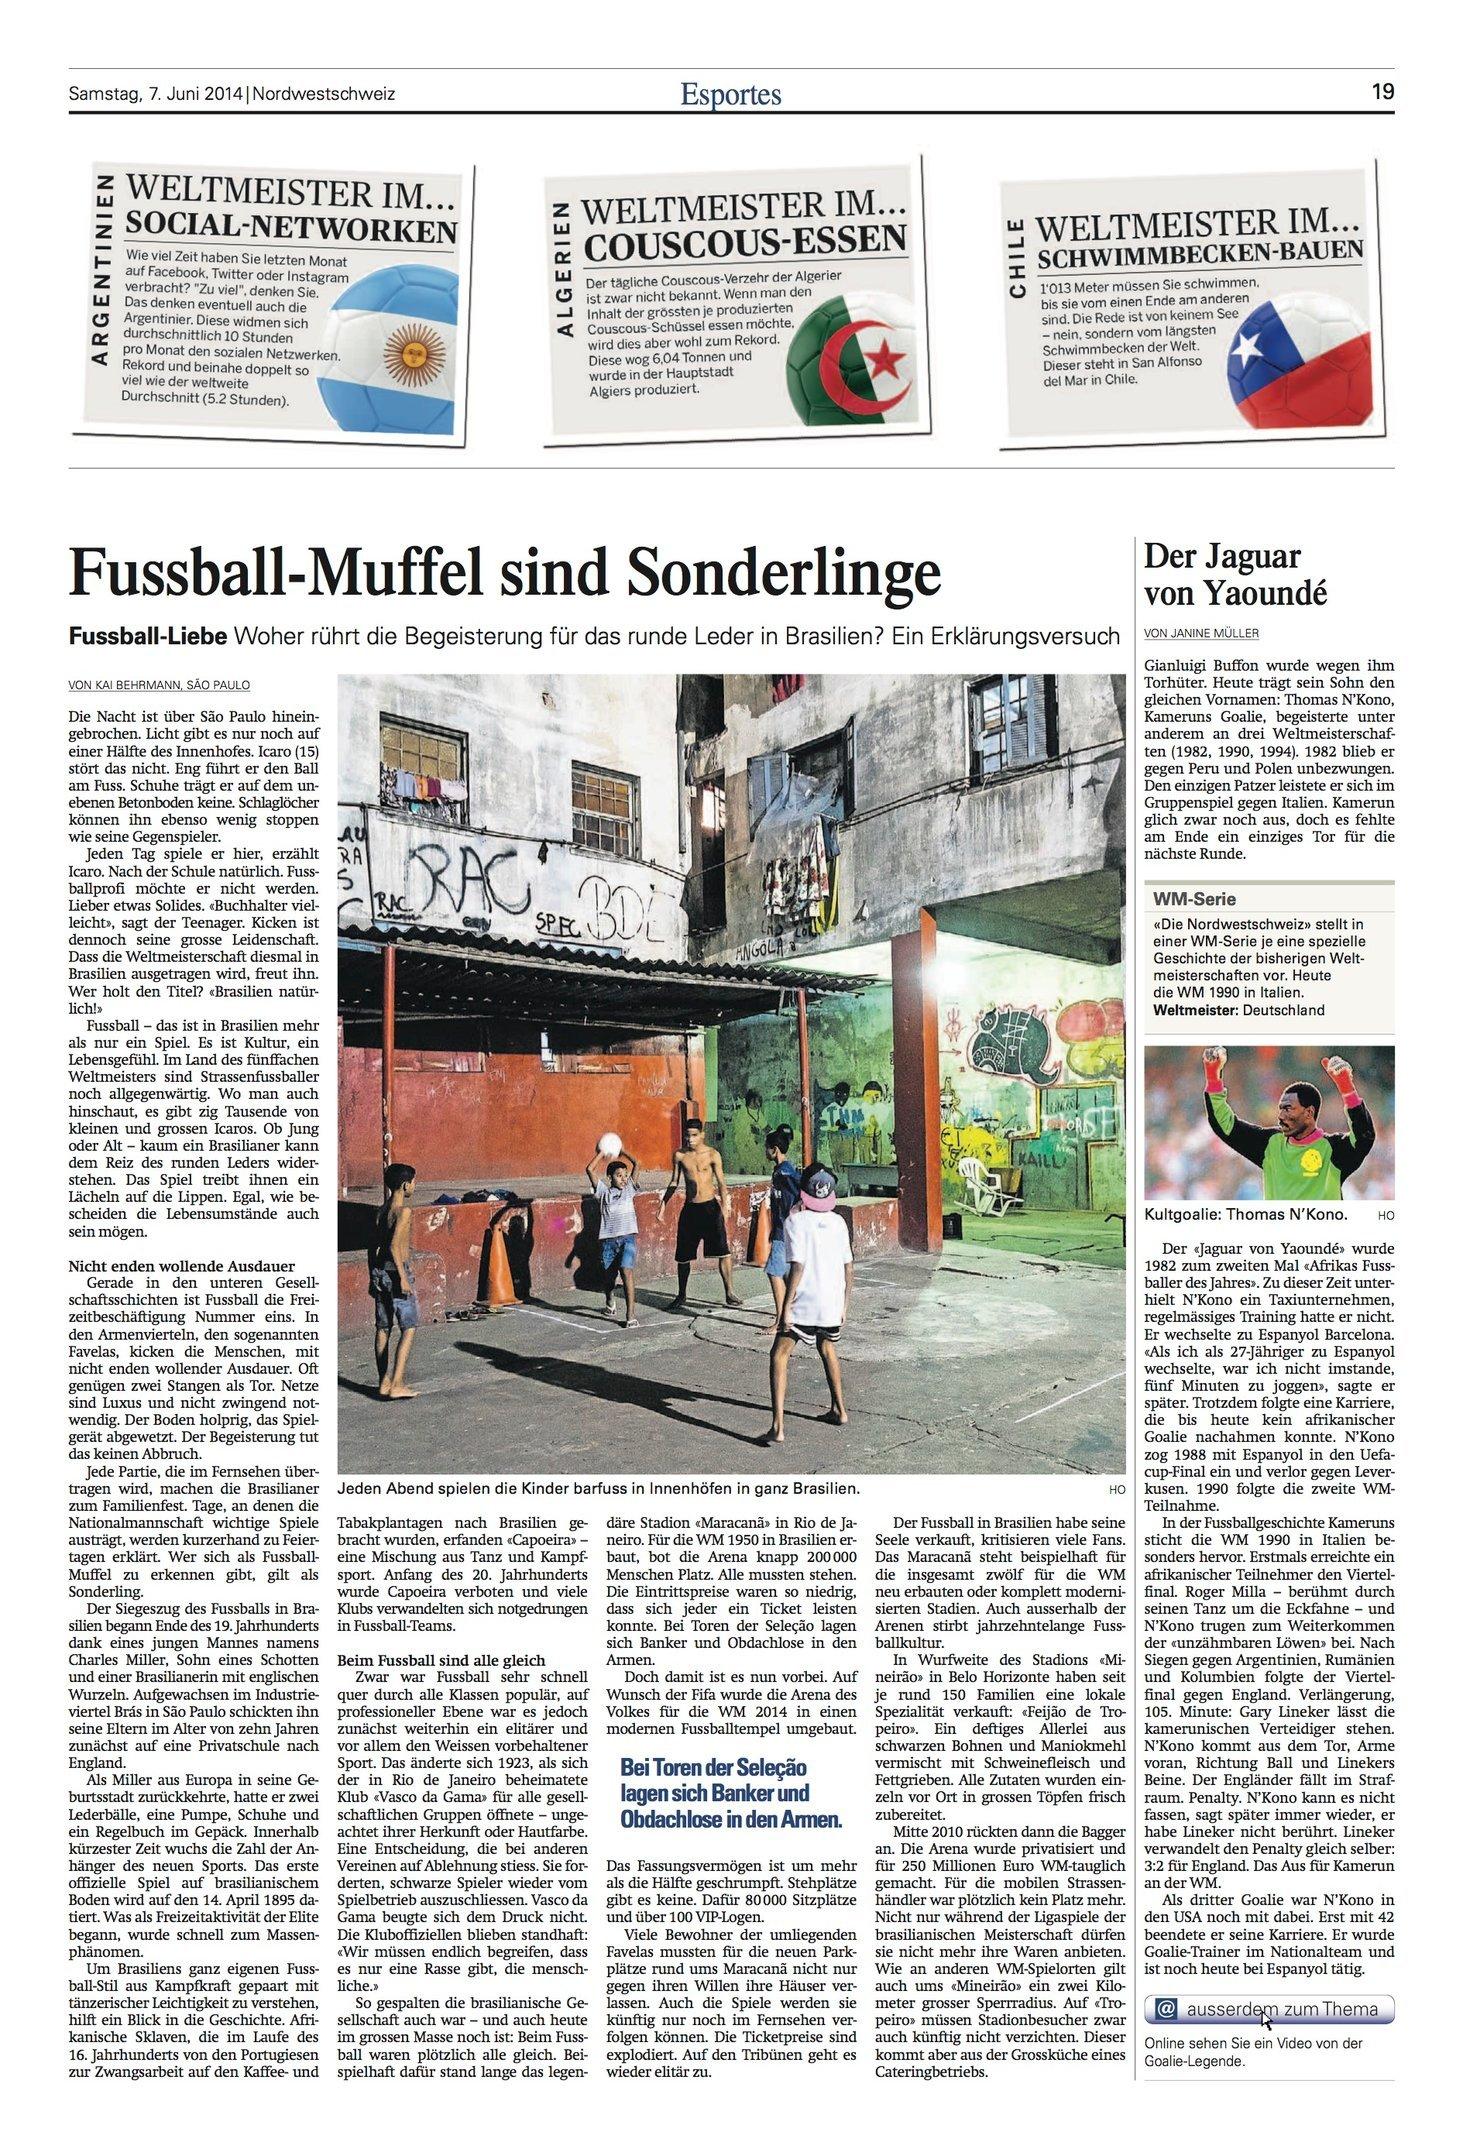 20140607-Aargauer-Zeitung.jpg